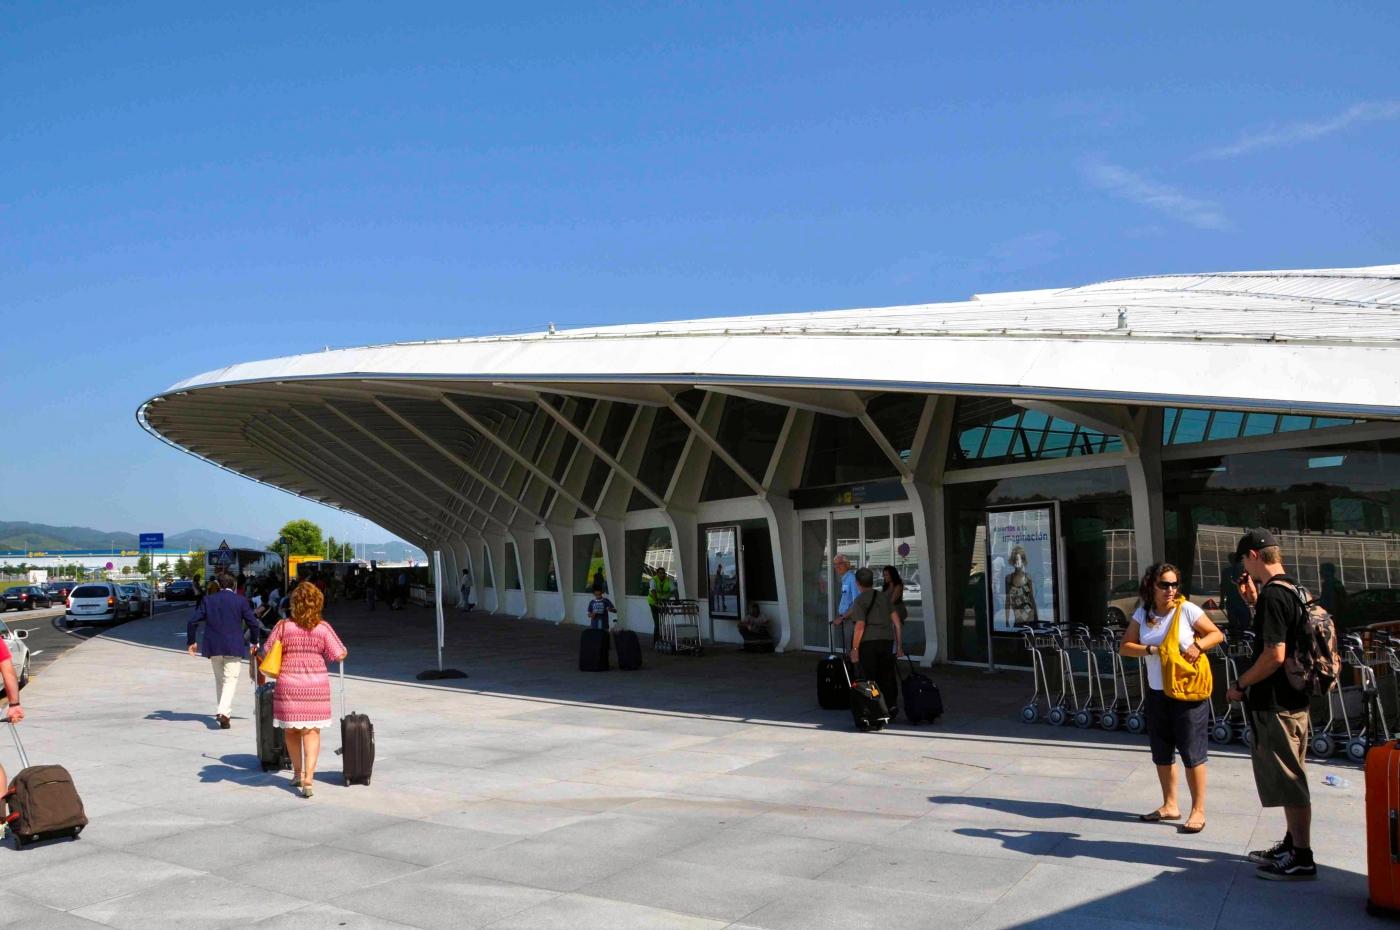 Aeroporto Bilbao : Salidas de vuelos aeropuerto bilbao aeropuertos